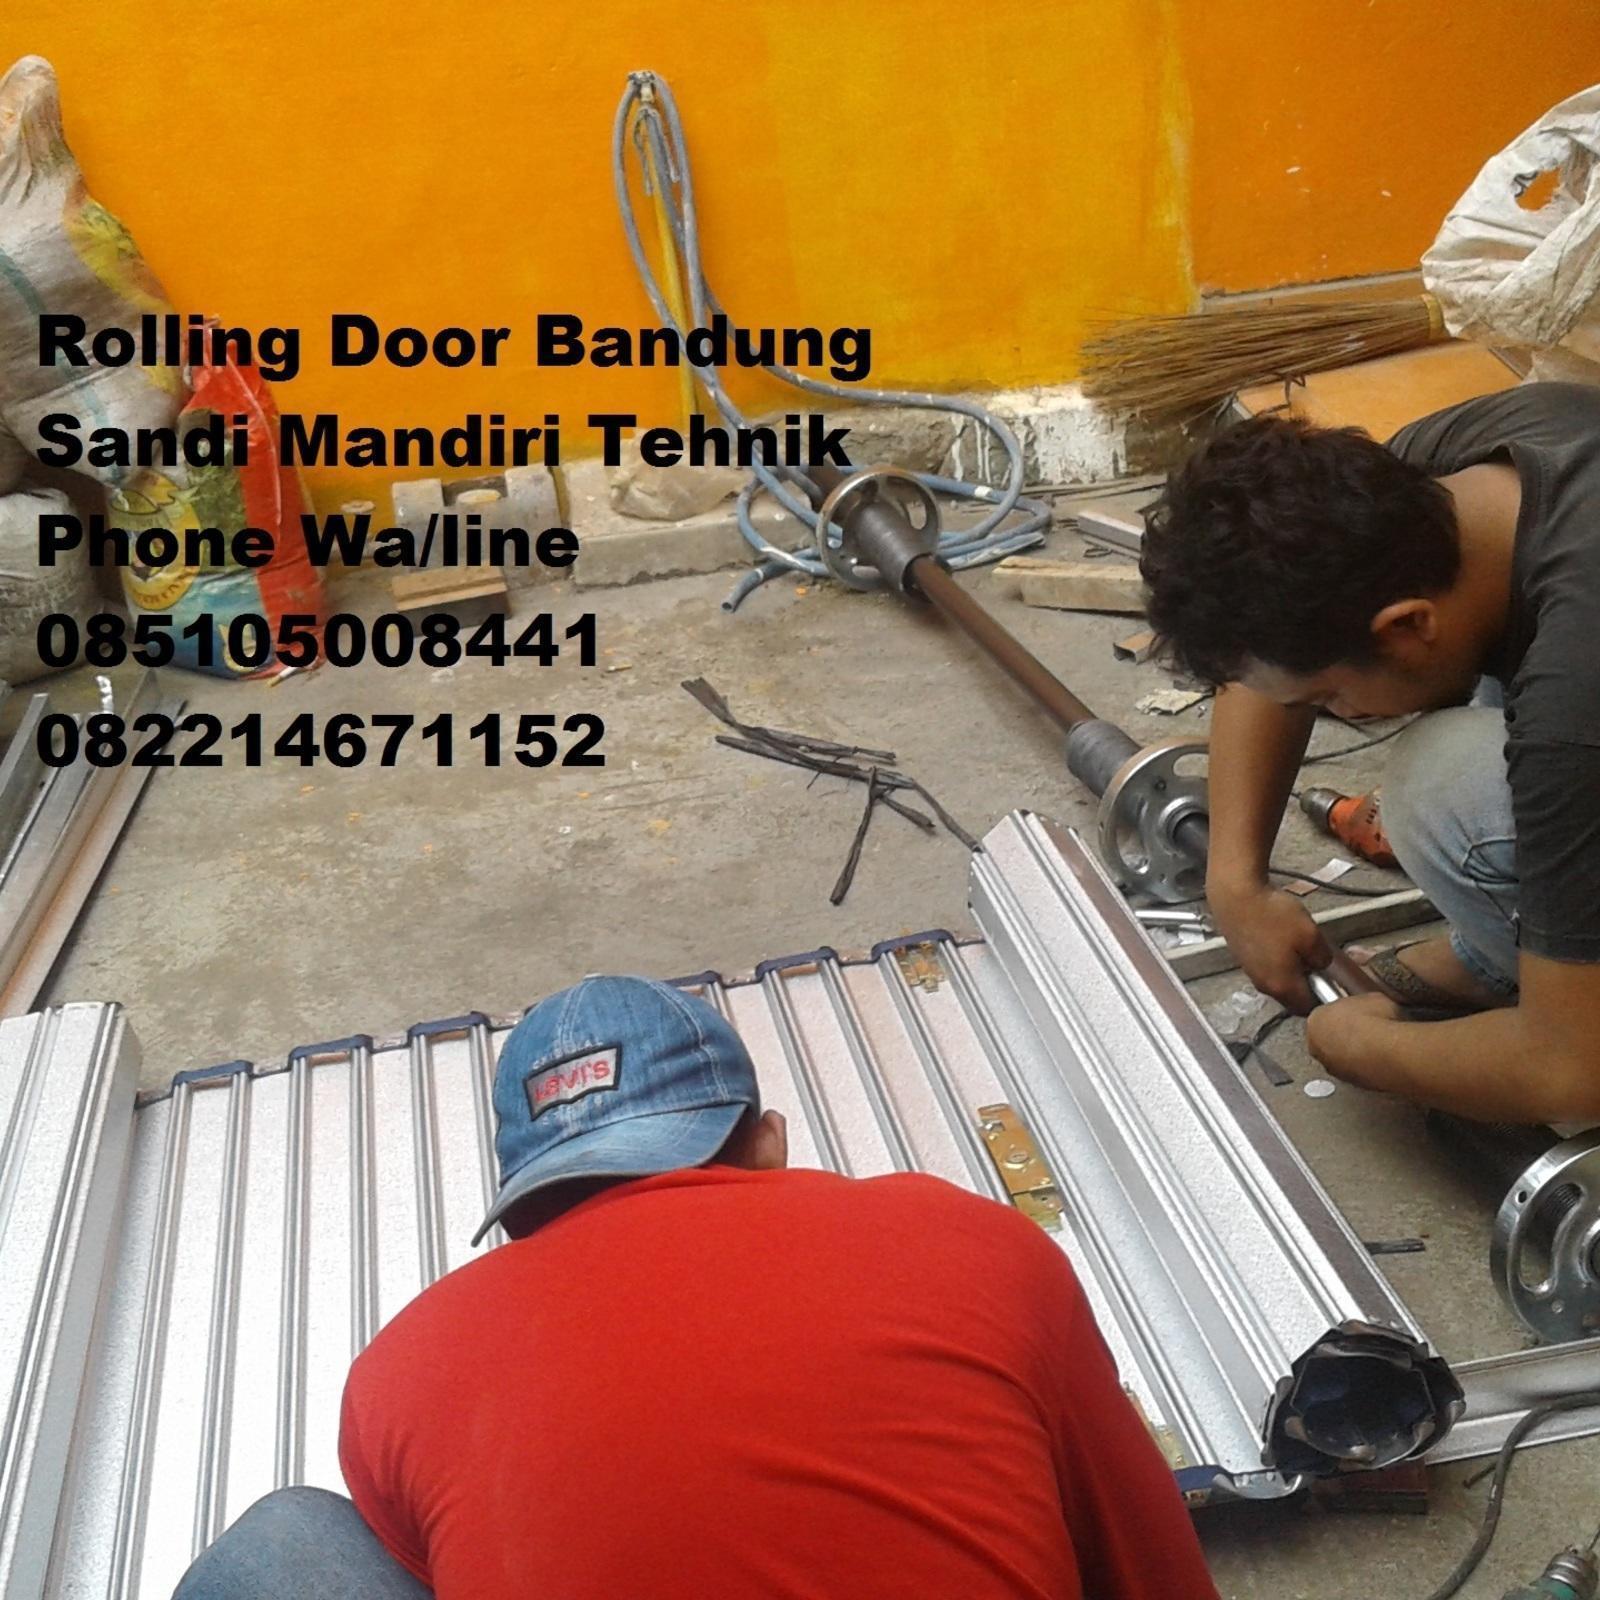 servis pintu rolling door dan folding gate di wilah bandung 085105008441/082214671152